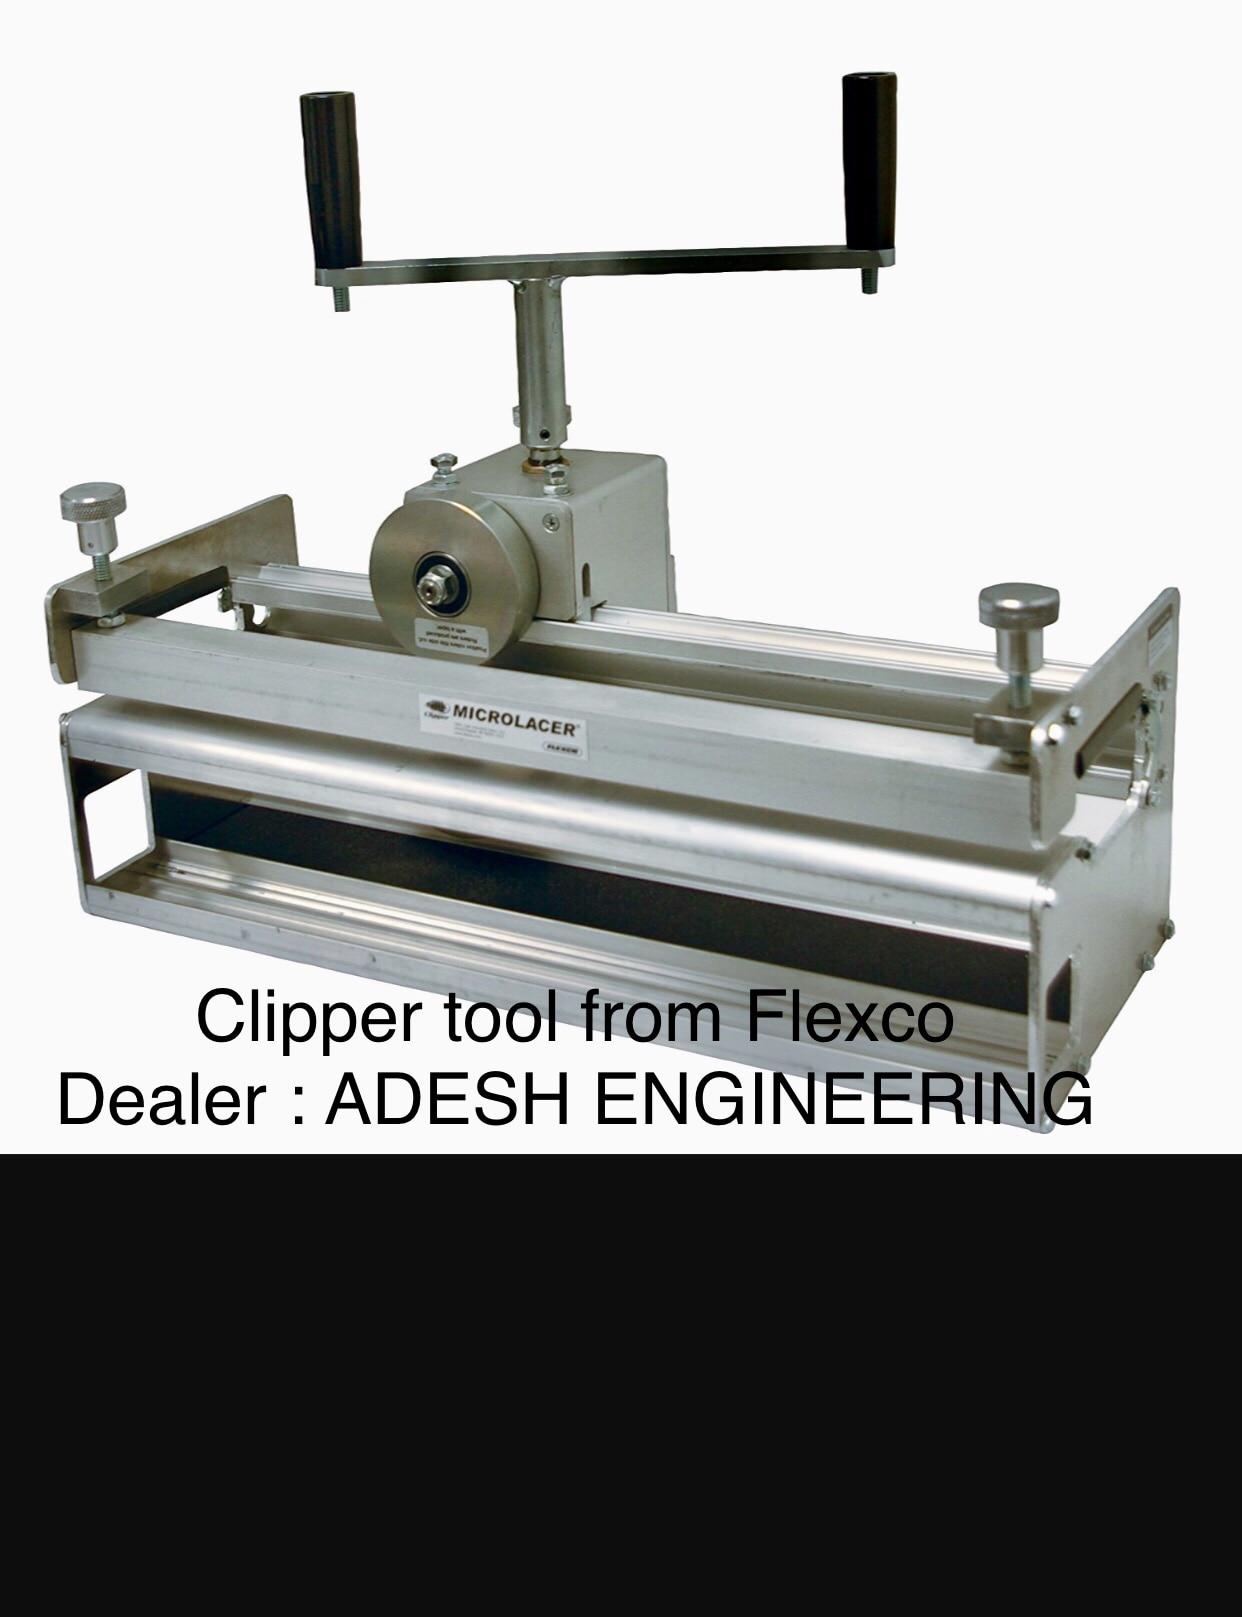 FLEXCO tool for fixi